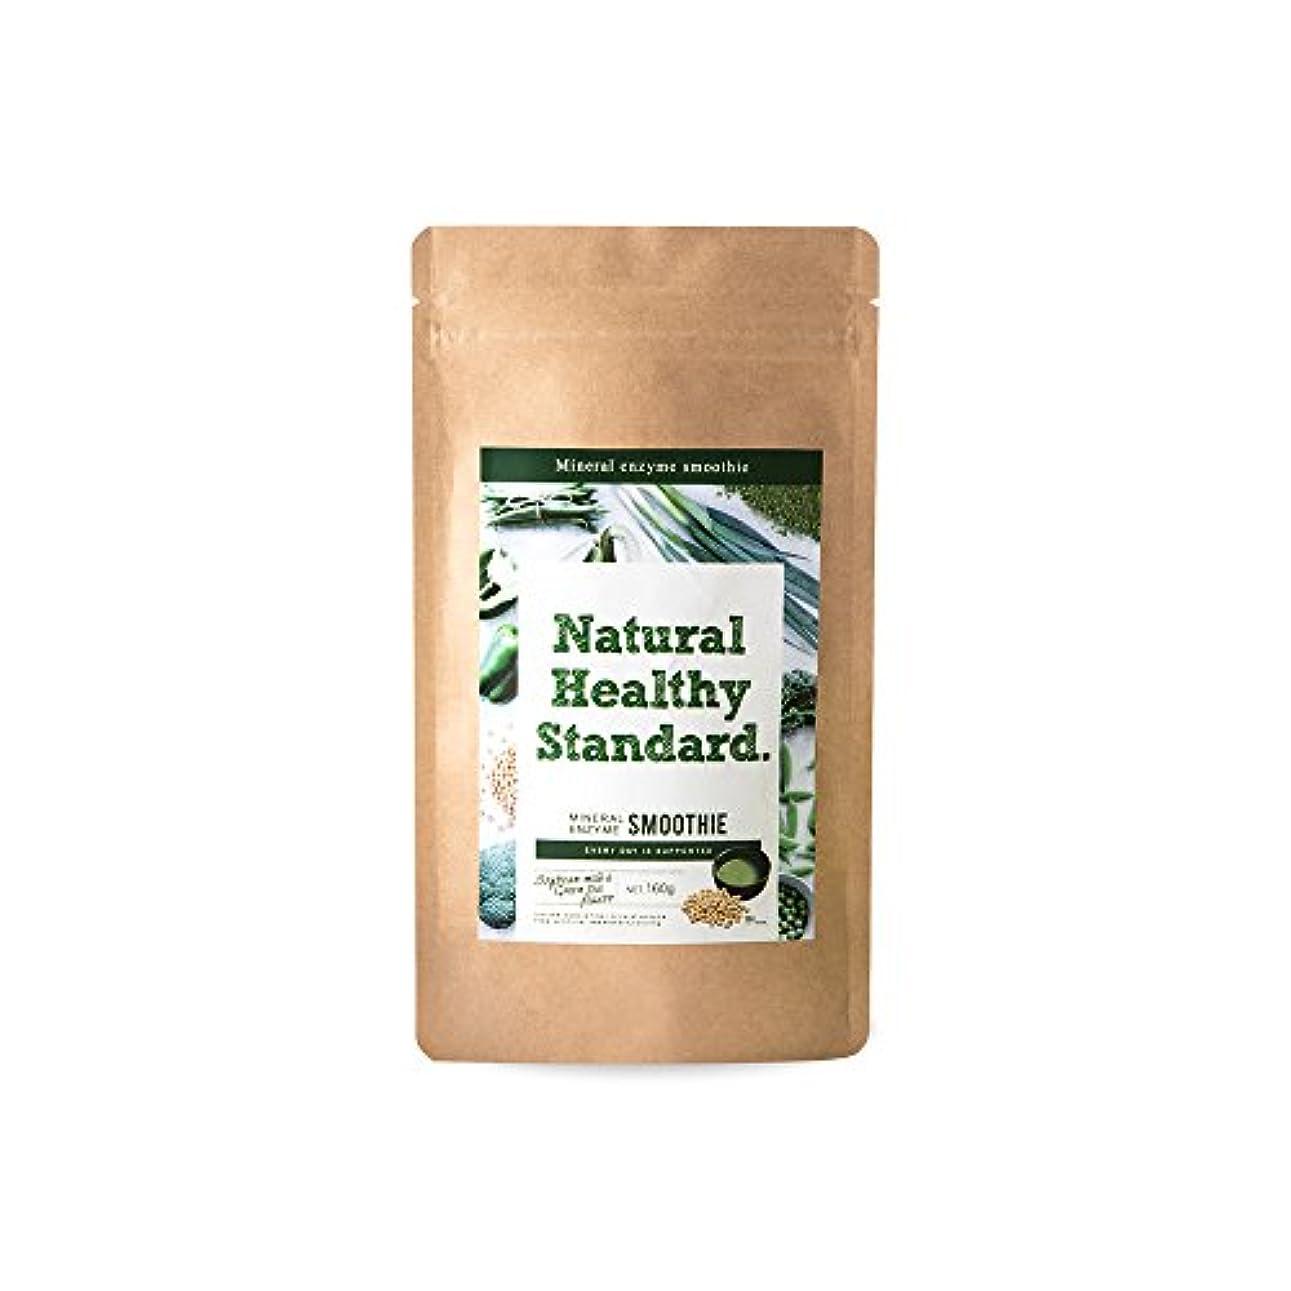 ばかげた祭司死んでいるNaturalHealthyStandard(ナチュラルヘルシースタンダード) ミネラル酵素グリーンスムージー 豆乳抹茶味 160g